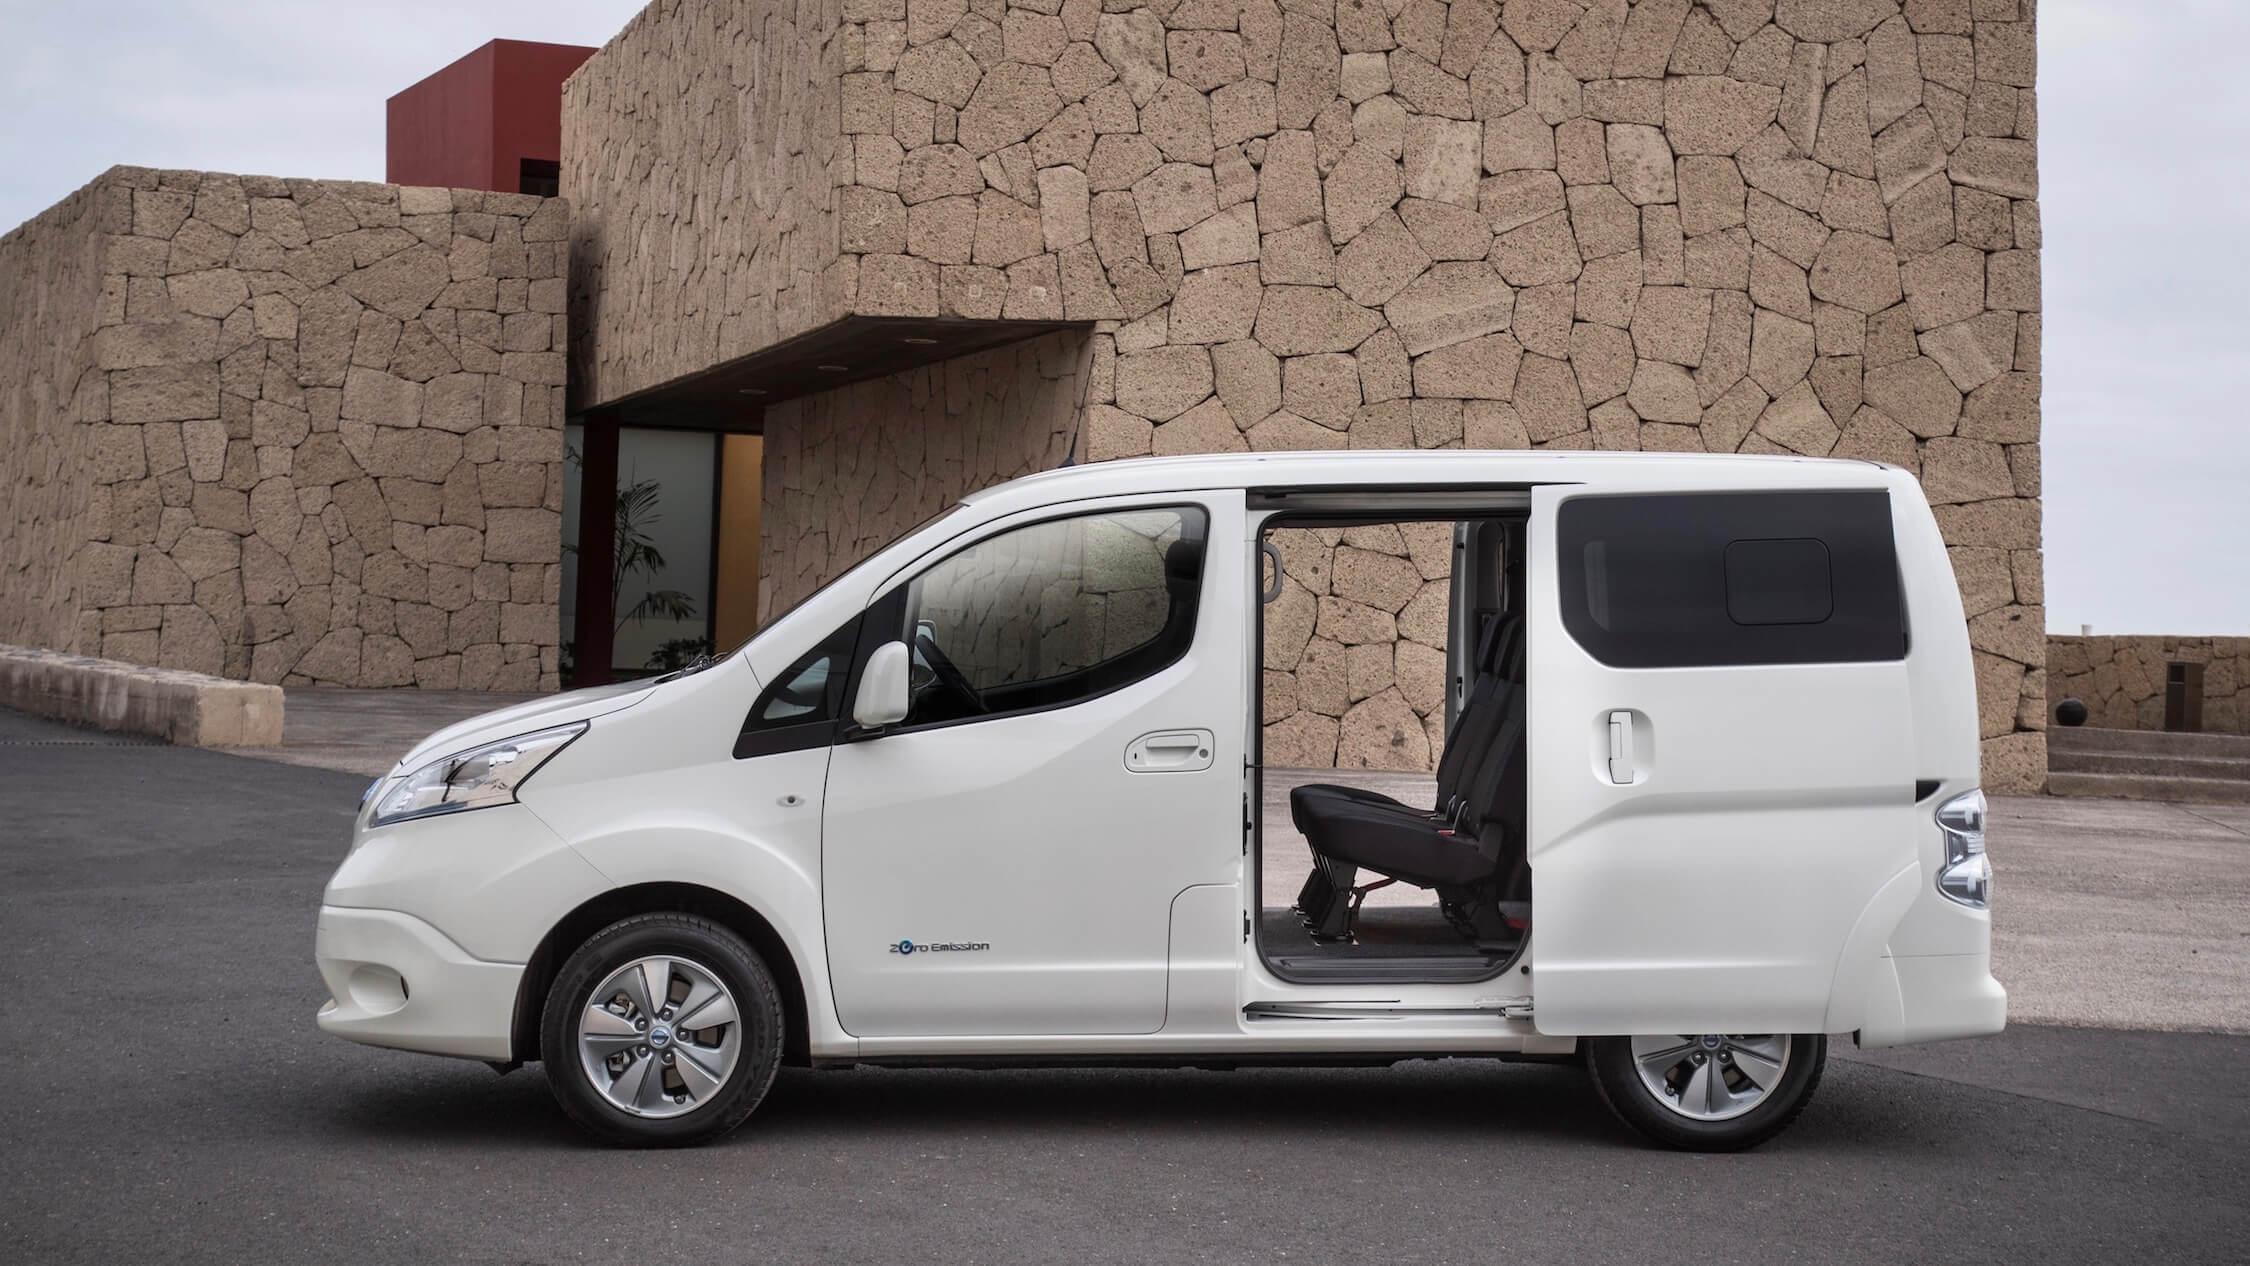 Nissan e-NV200 Evalia furgão